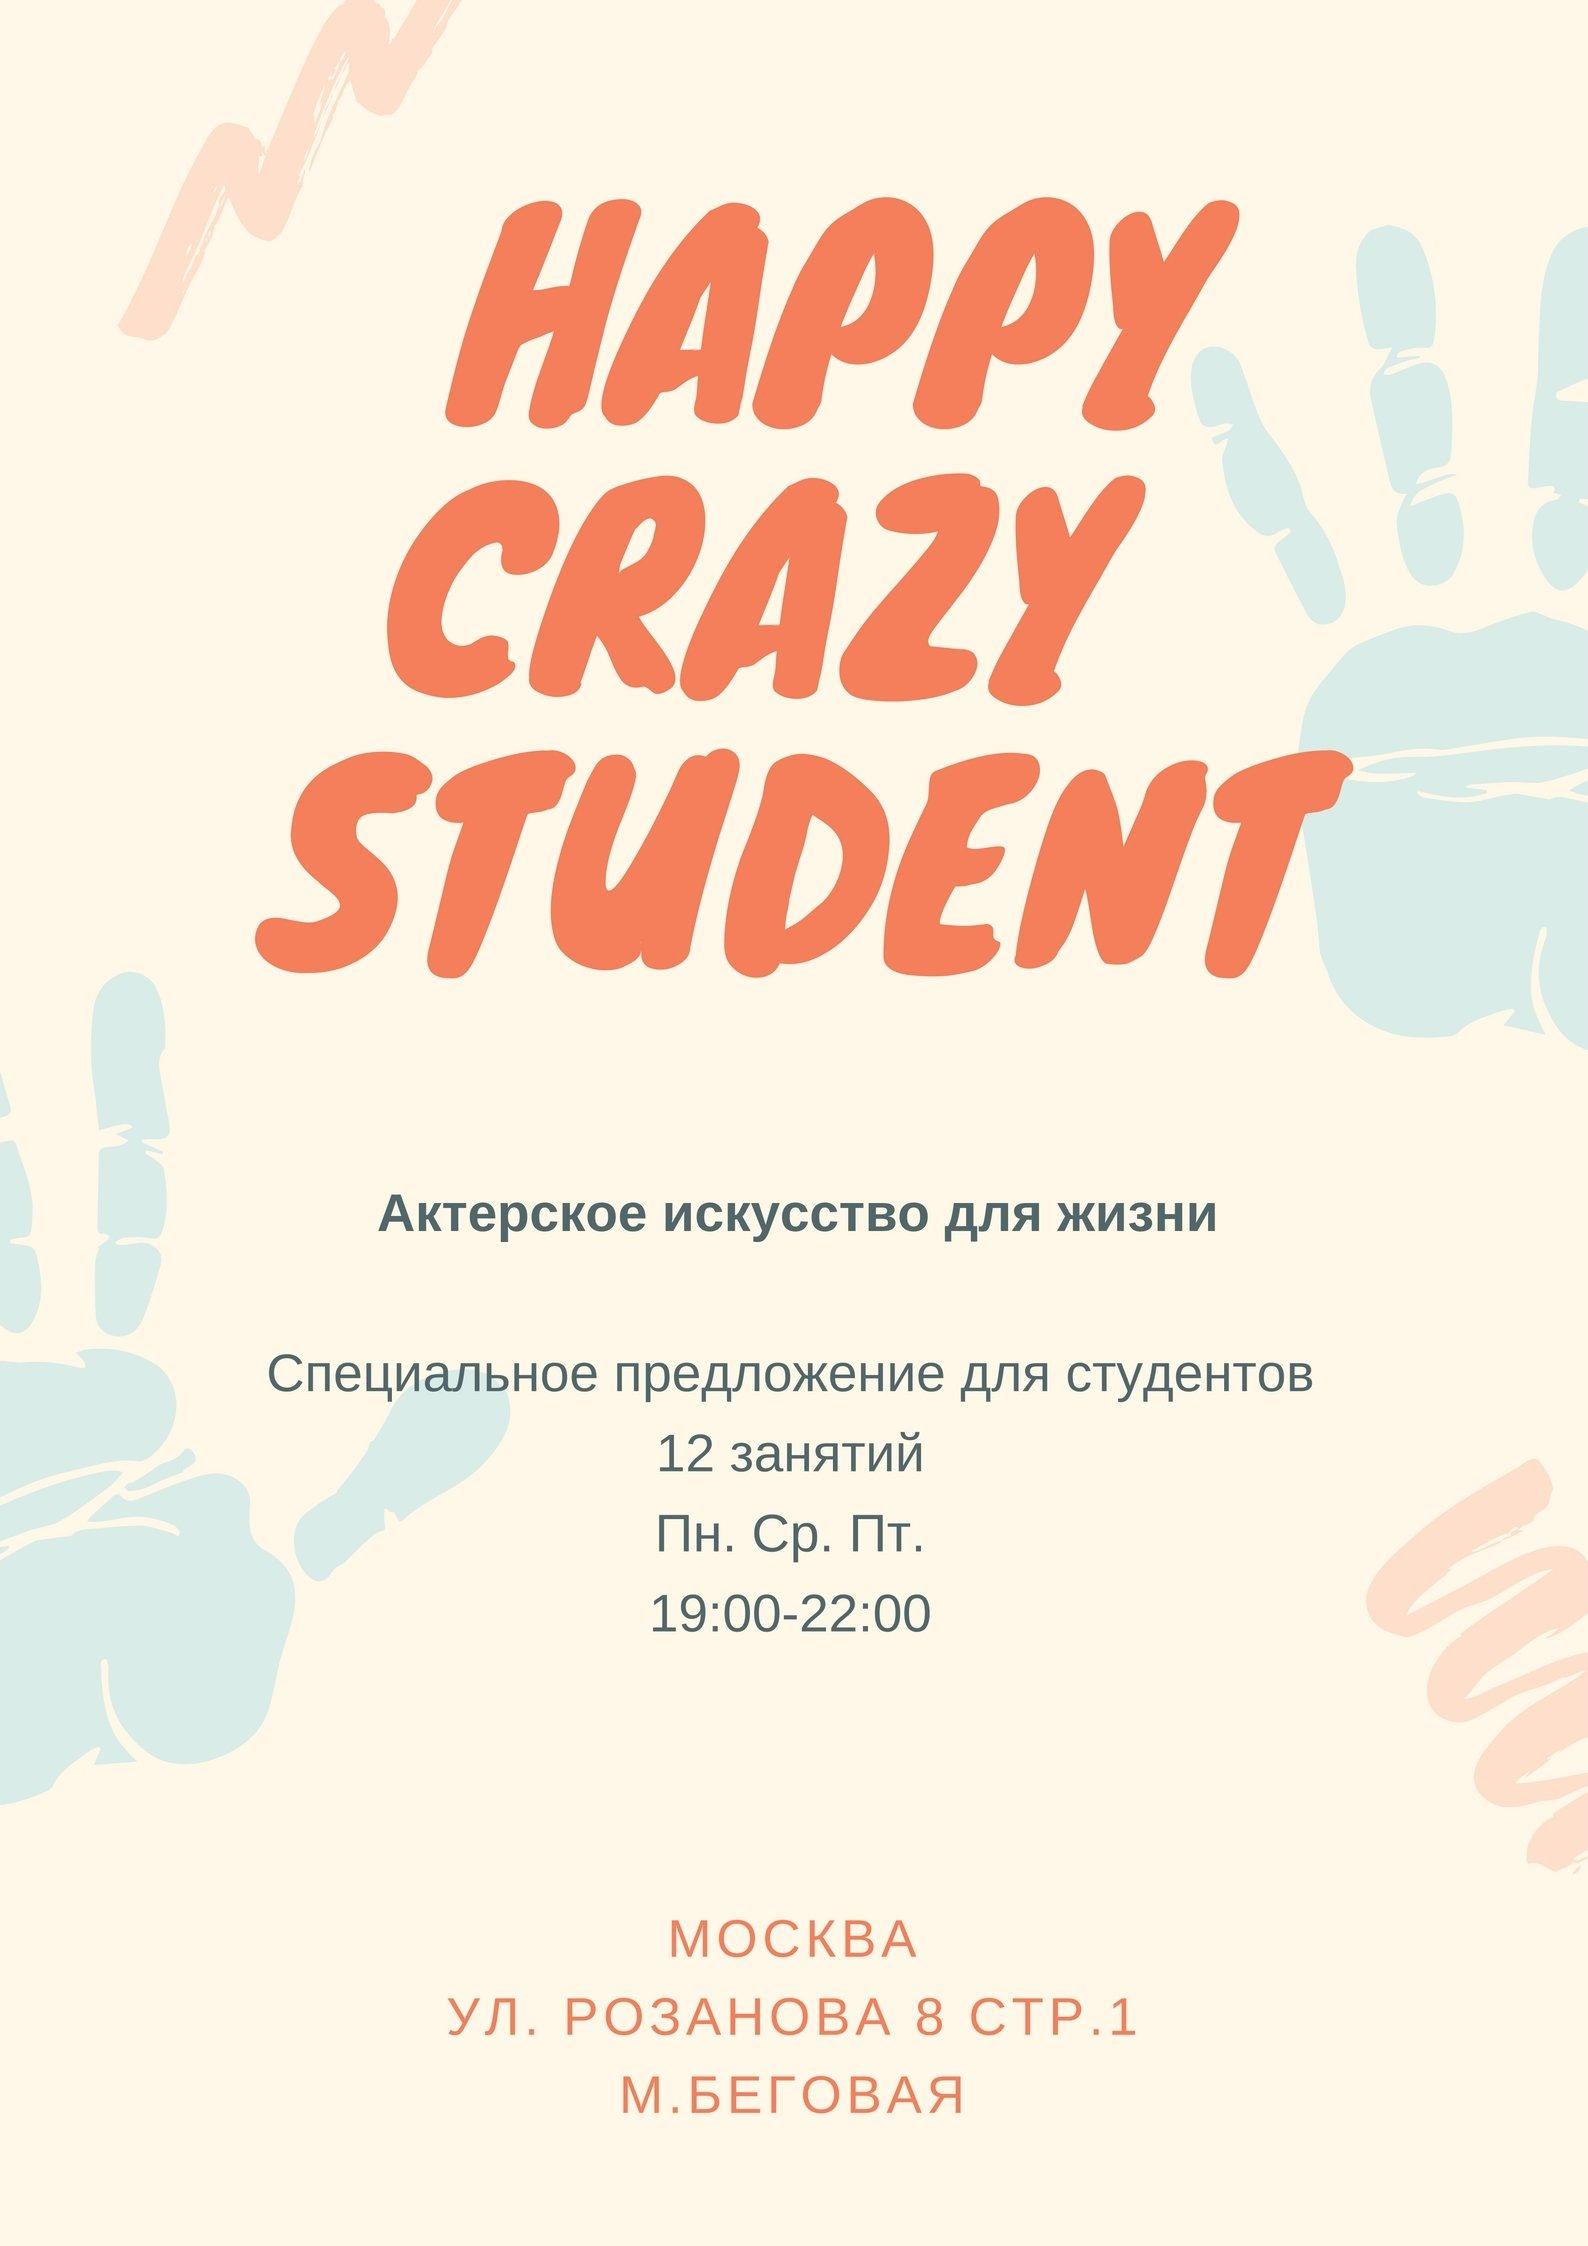 Актерское искусство для жизни. Happy Crazy Student, 12 занятий 00099